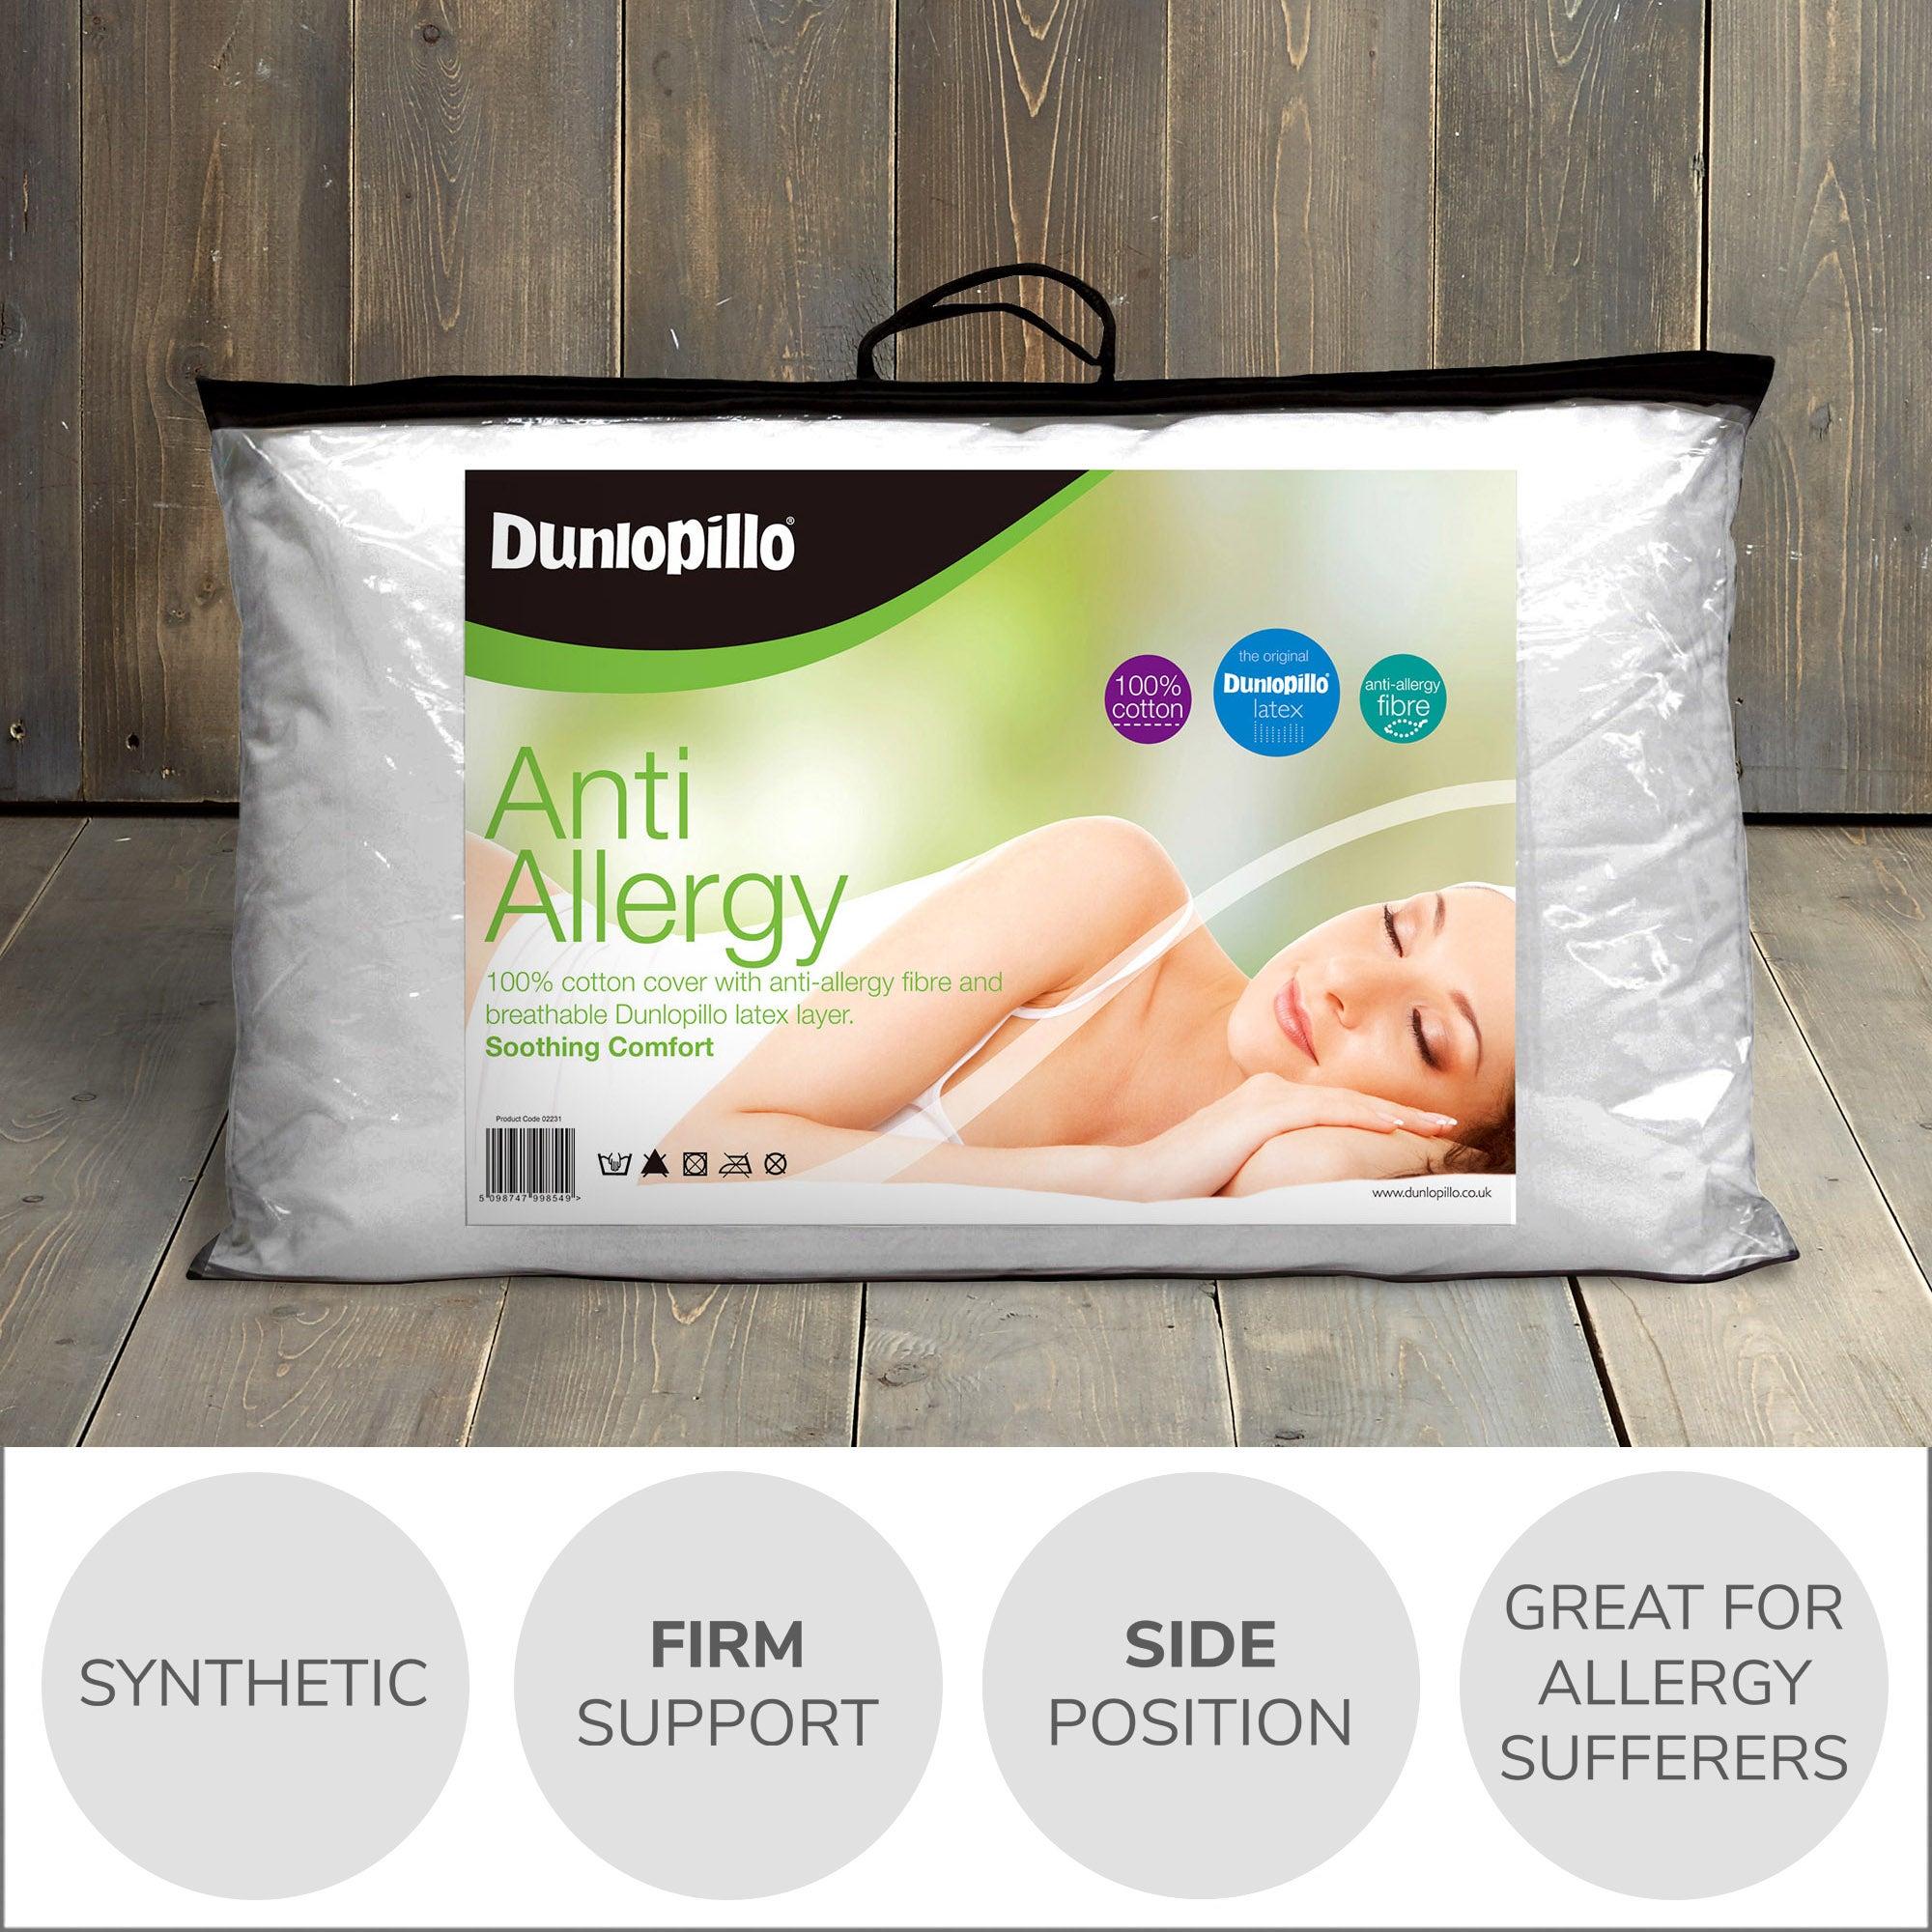 Dunlopillo Anti-Allergy Pillow